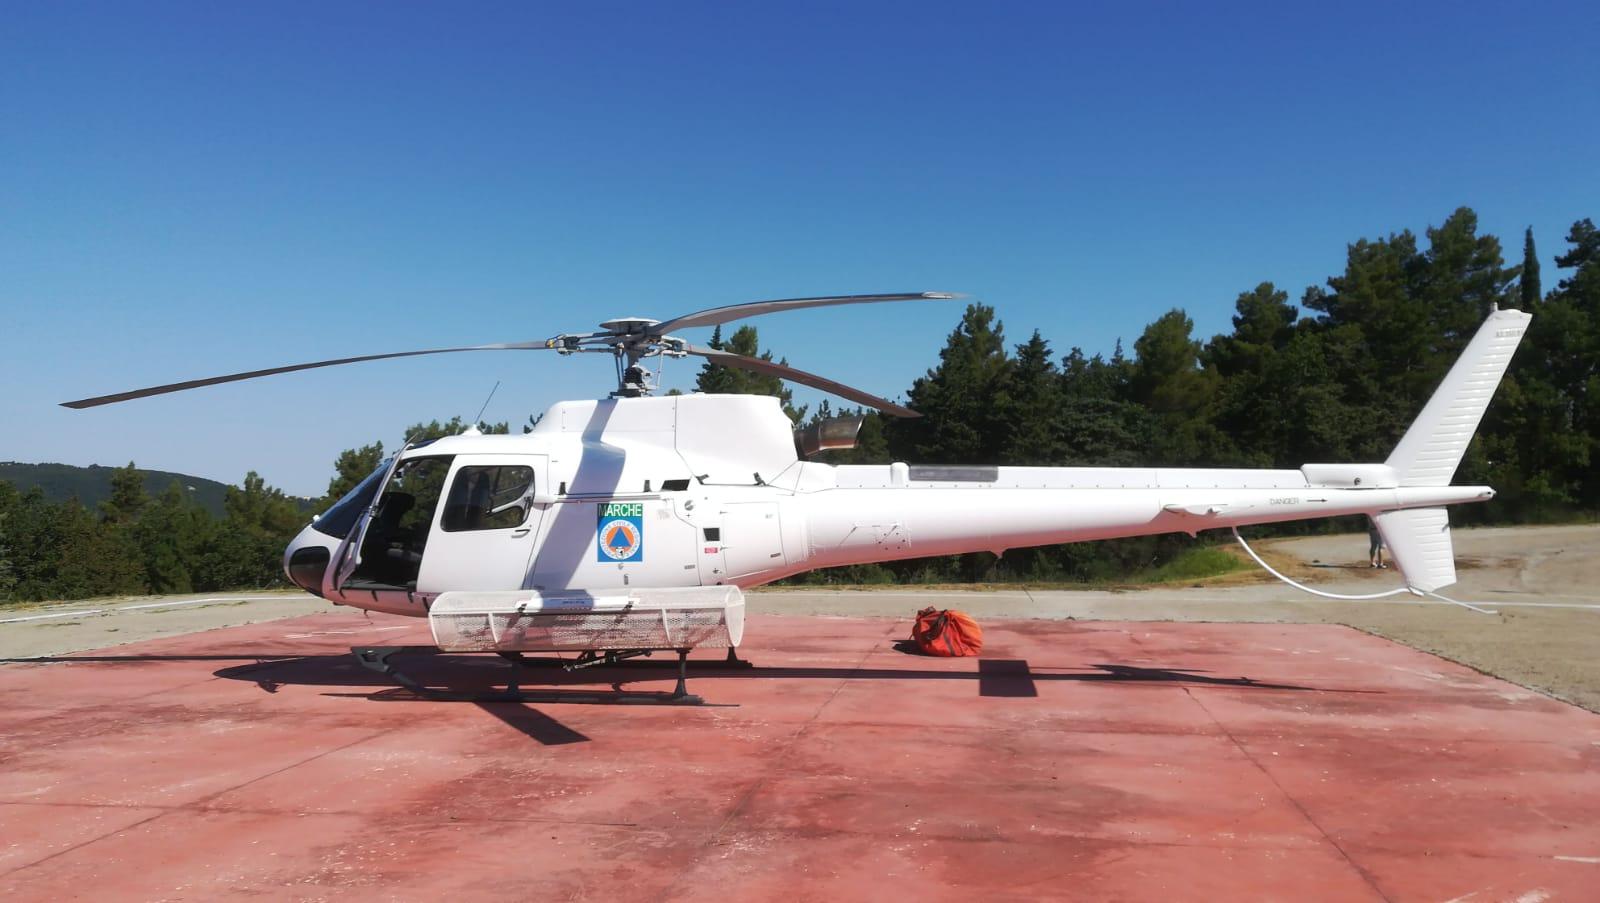 Elicottero B3 : Elicottero protezione civile di base a cingoli per antincendio